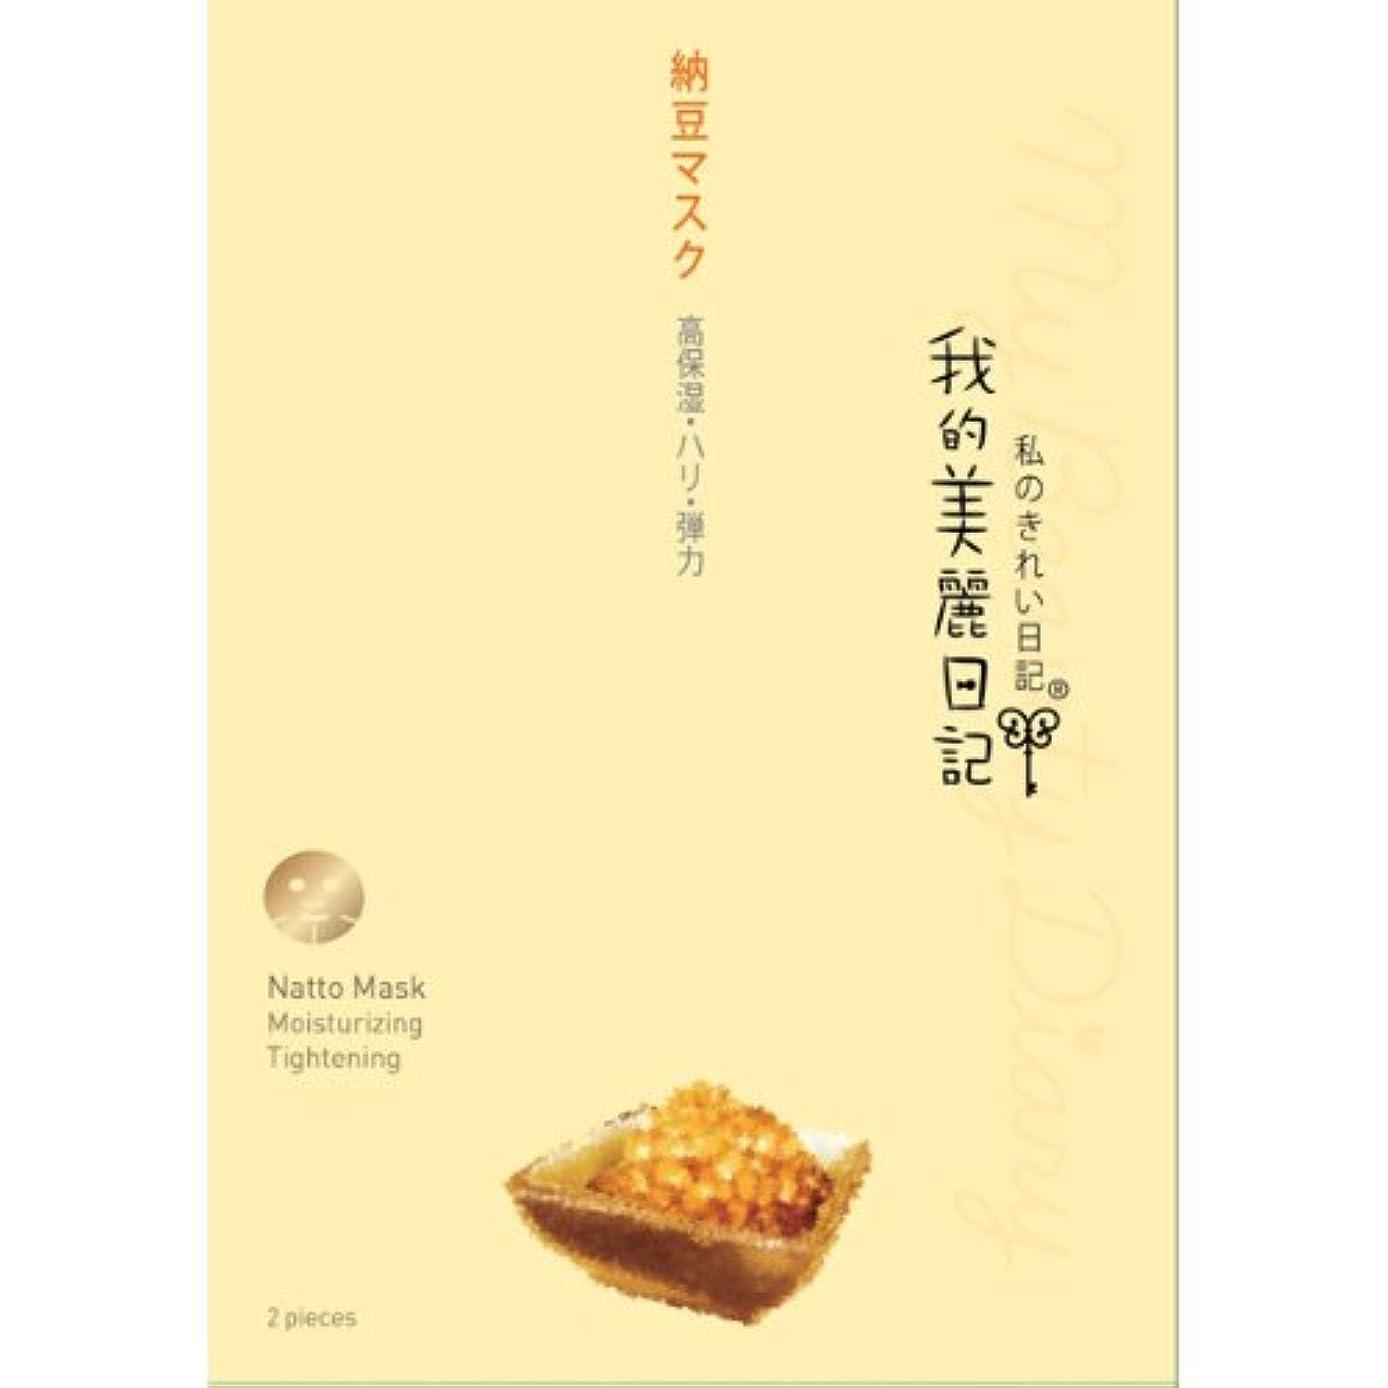 フィットスリップぺディカブ我的美麗日記 私のきれい日記 納豆マスク 23ml×2枚